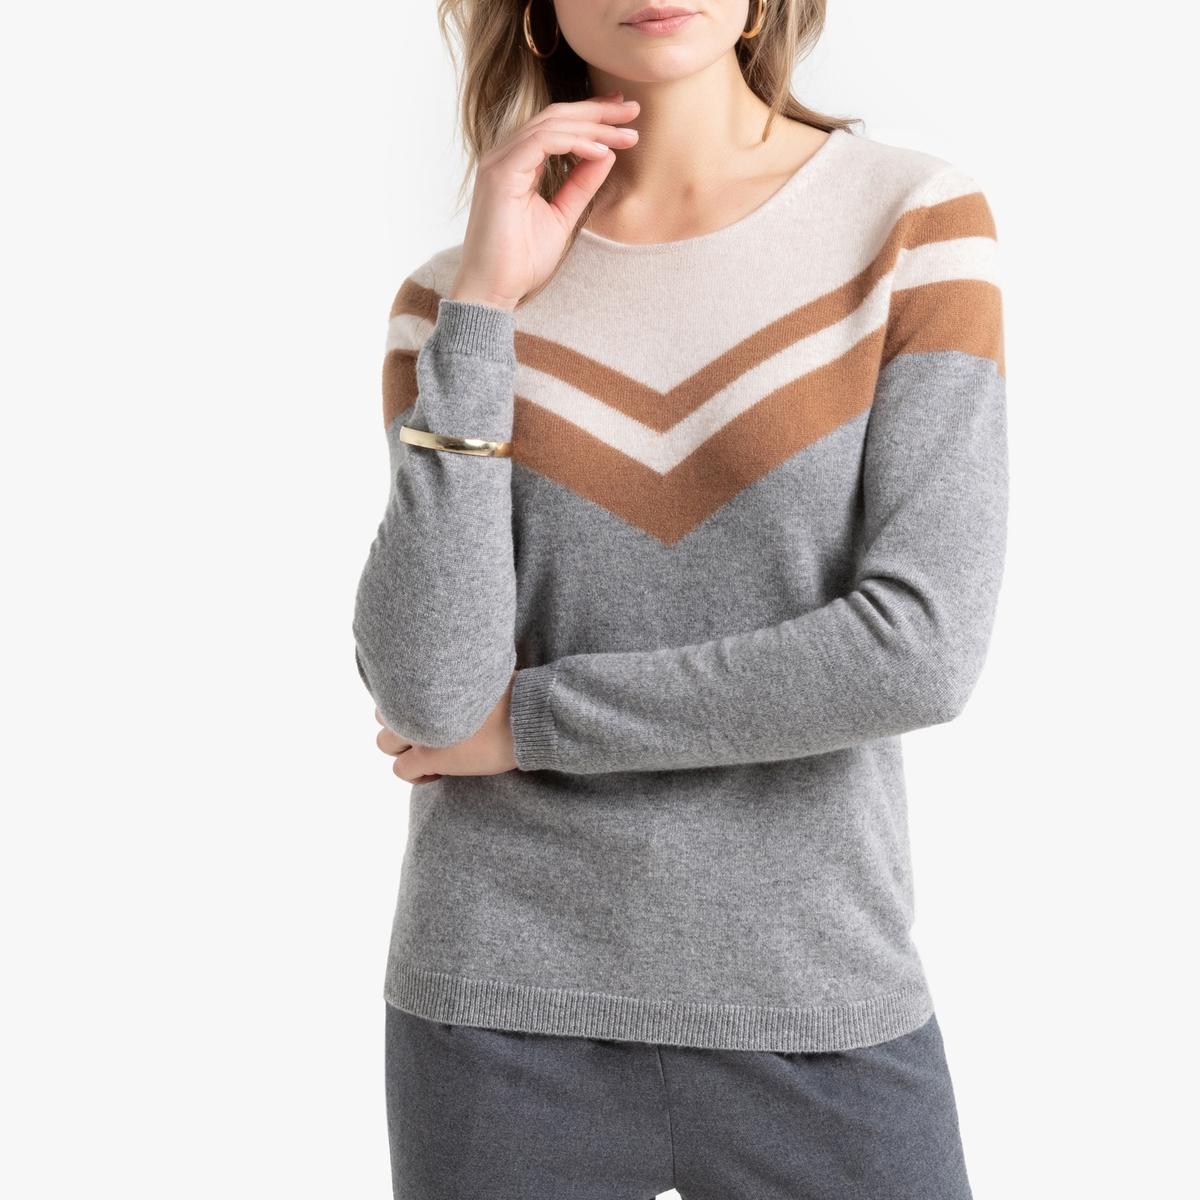 Пуловер La Redoute Из тонкого кашемира мозаичный мотив 50/52 (FR) - 56/58 (RUS) серый ic men коричневый пуловер из кашемира